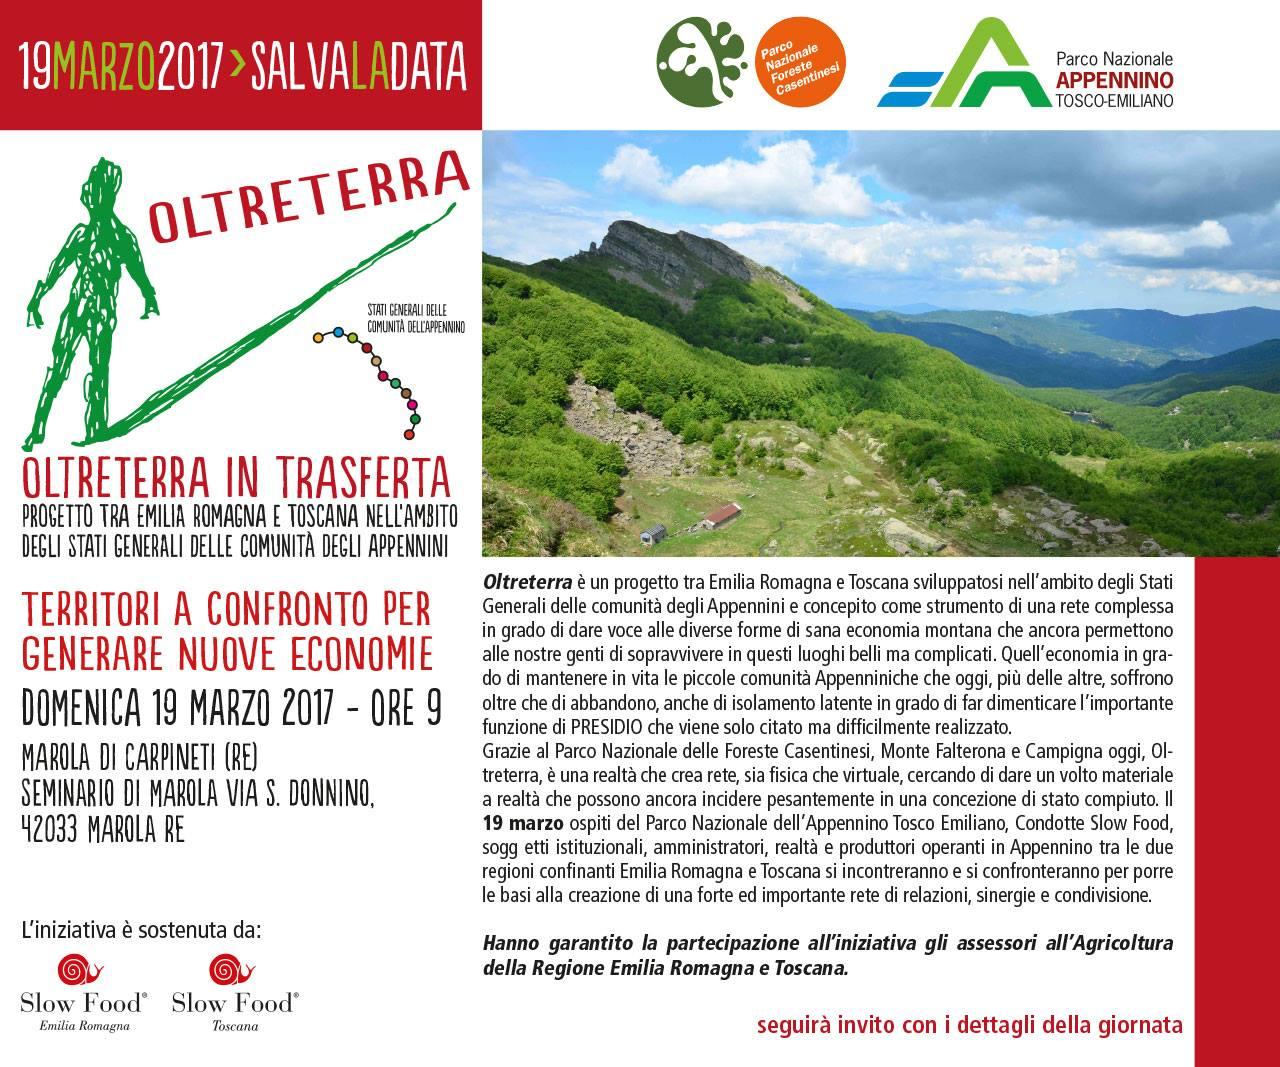 Slow Food Emilia Romagna : parliamo ancora di Appennino